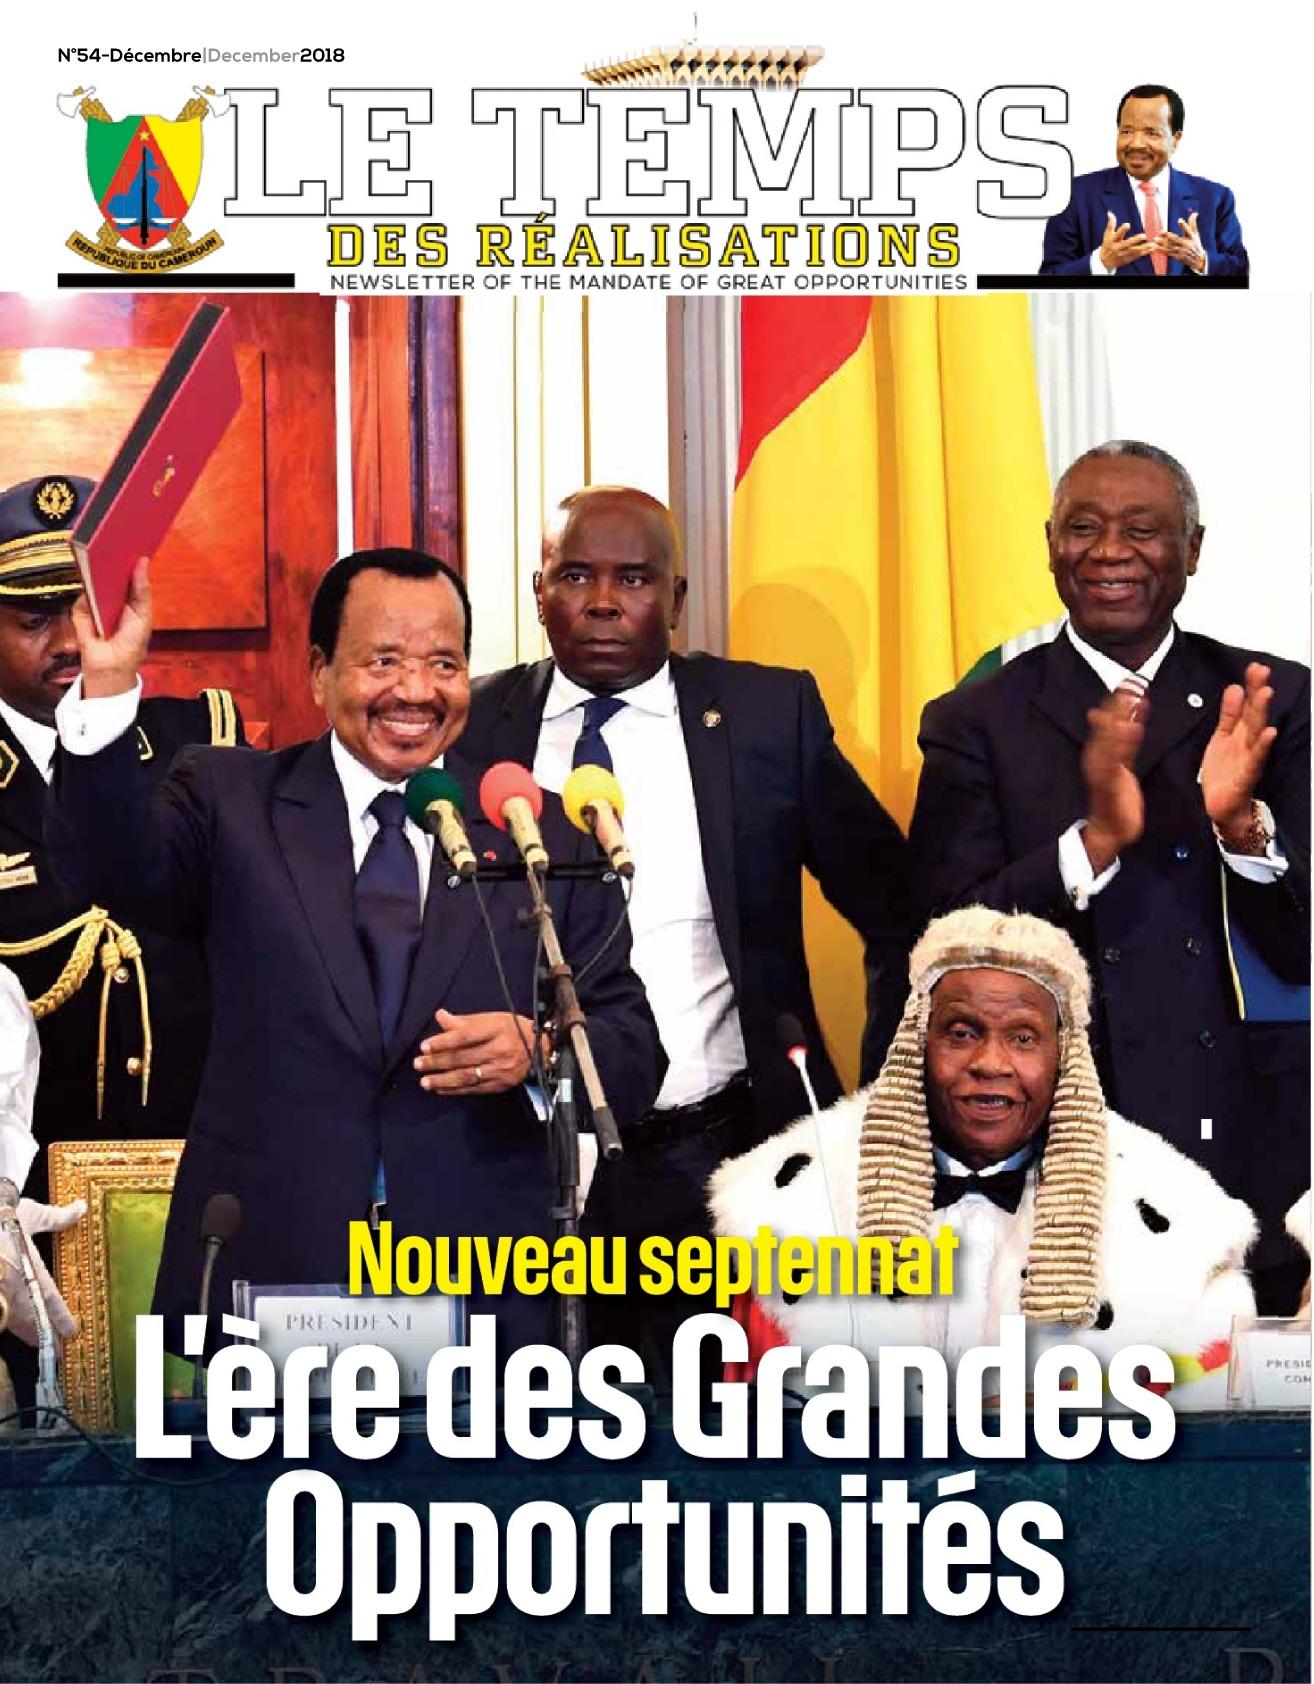 Présidence de la République du Cameroun - 03/01/2019